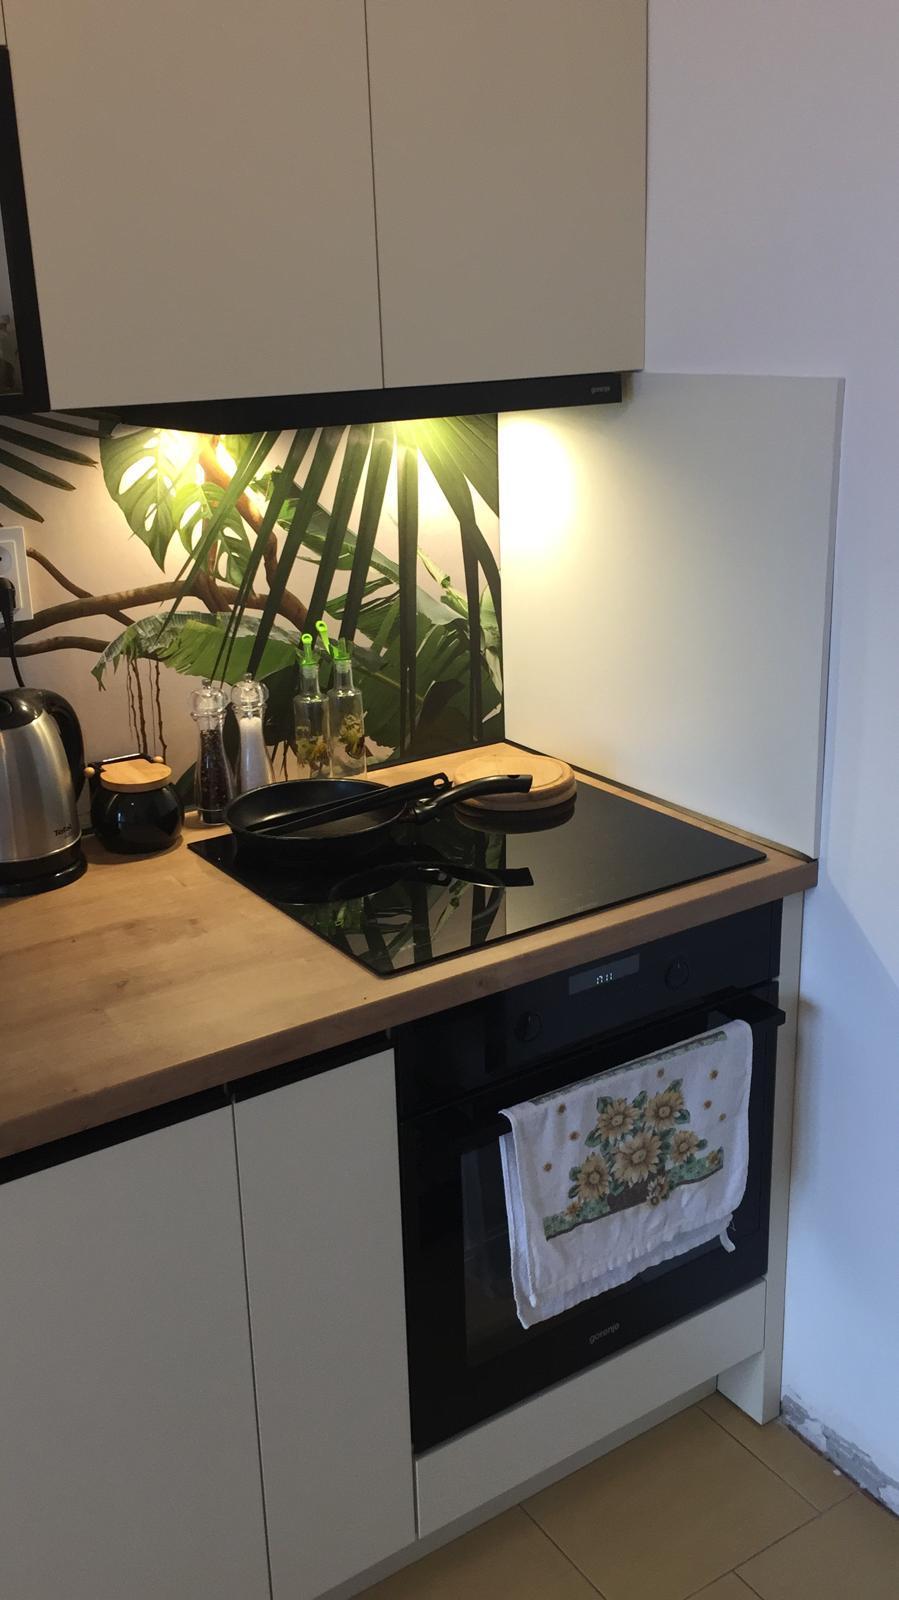 Fototapety do kuchyně - na kuchyňskou linku, na zeď, na skřínky - Obrázek č. 125